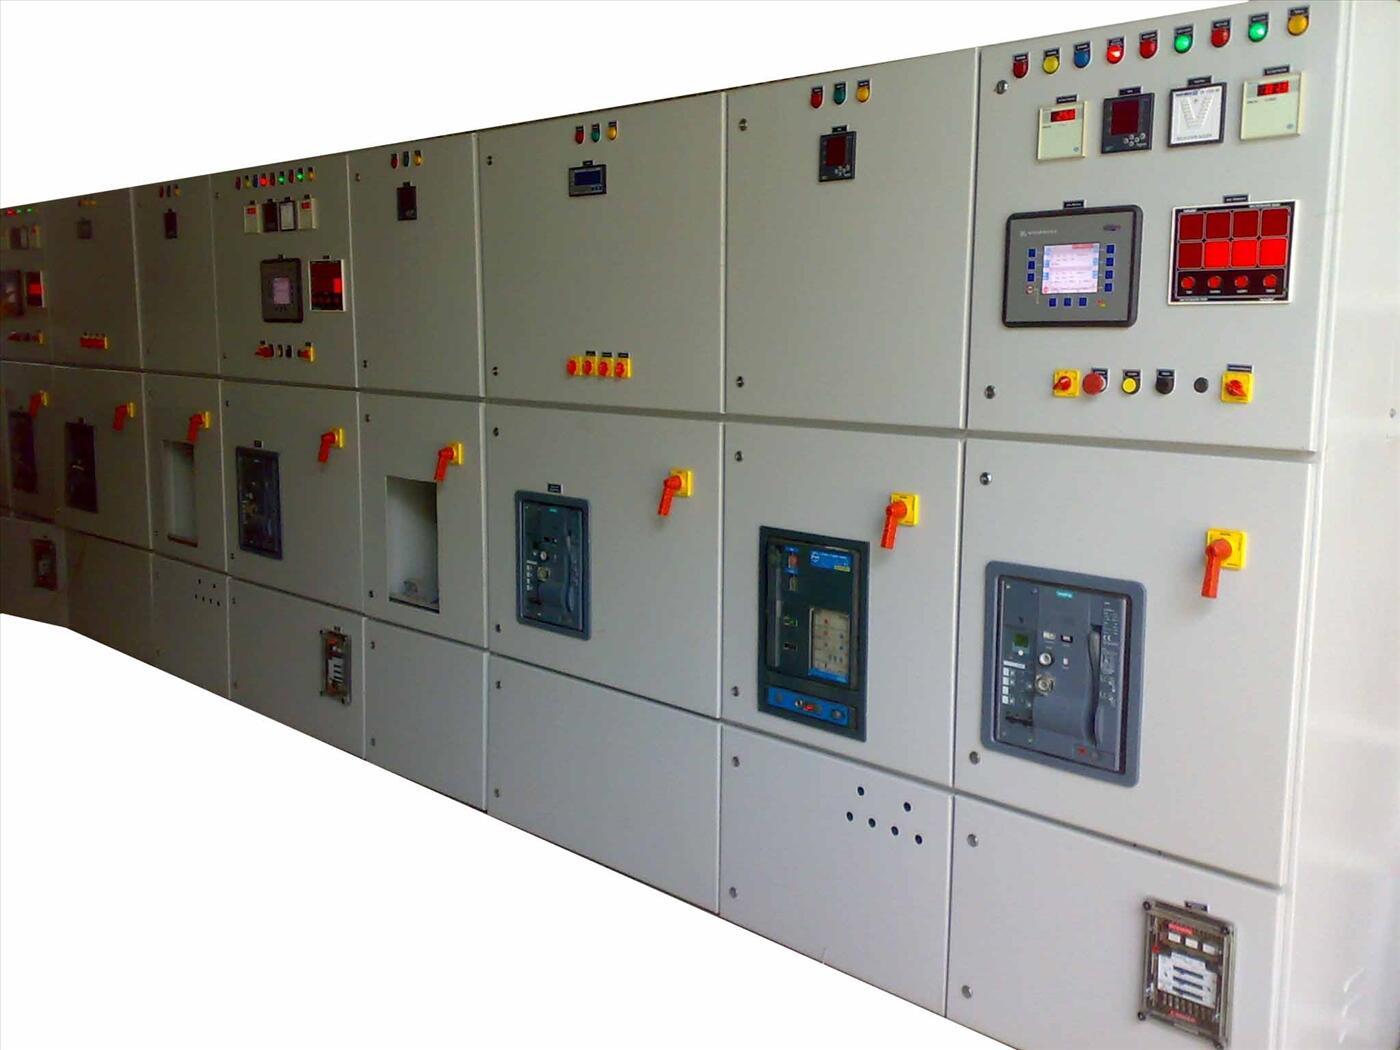 Tủ hòa đồng bộ các máy phát điện - điện lưới (Synchonizing systems for generators and main grid)